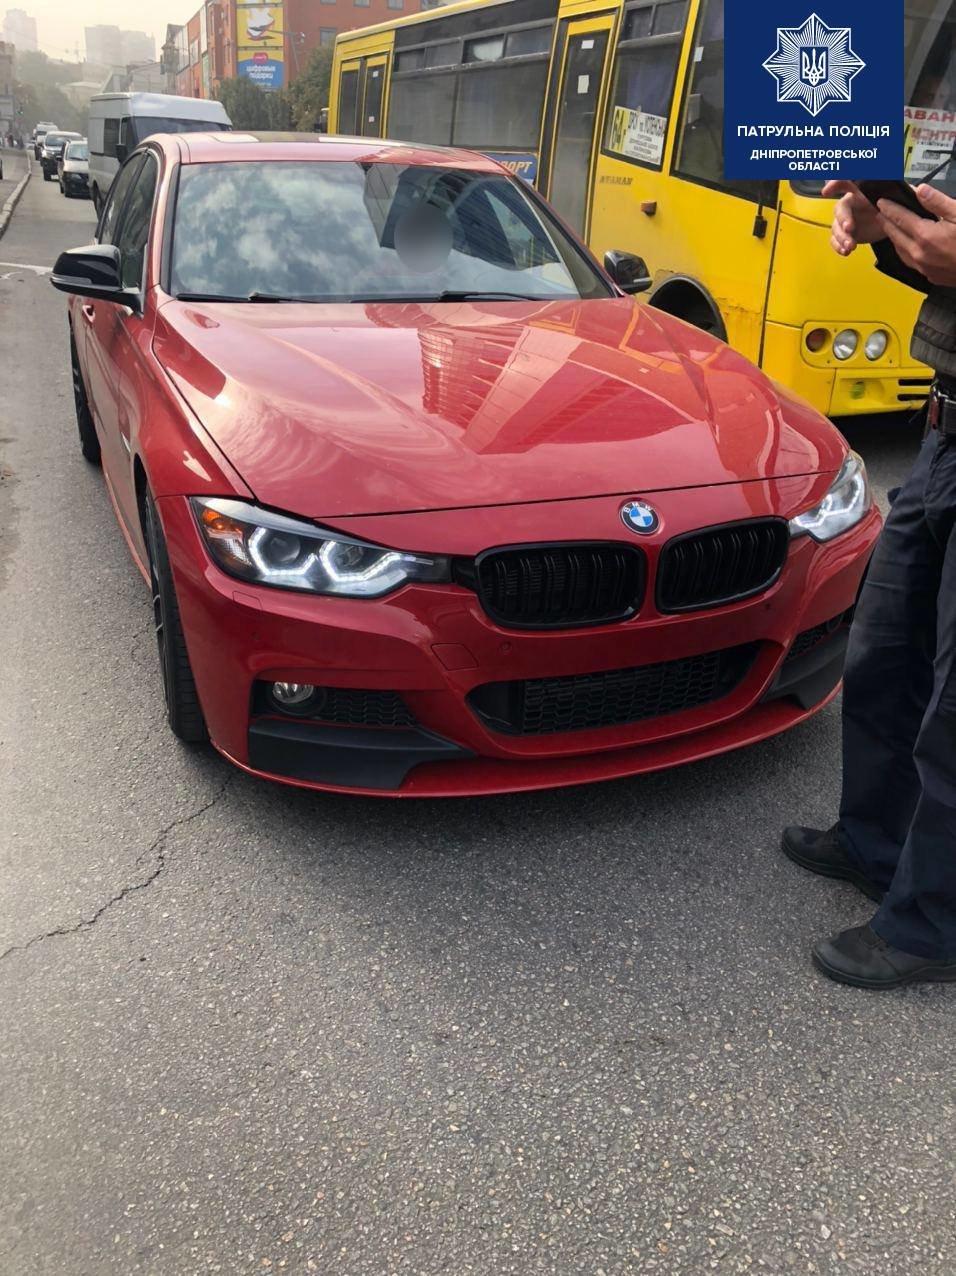 В Днепре штрафуют водителей за номера: с какими ездить нельзя , фото-11